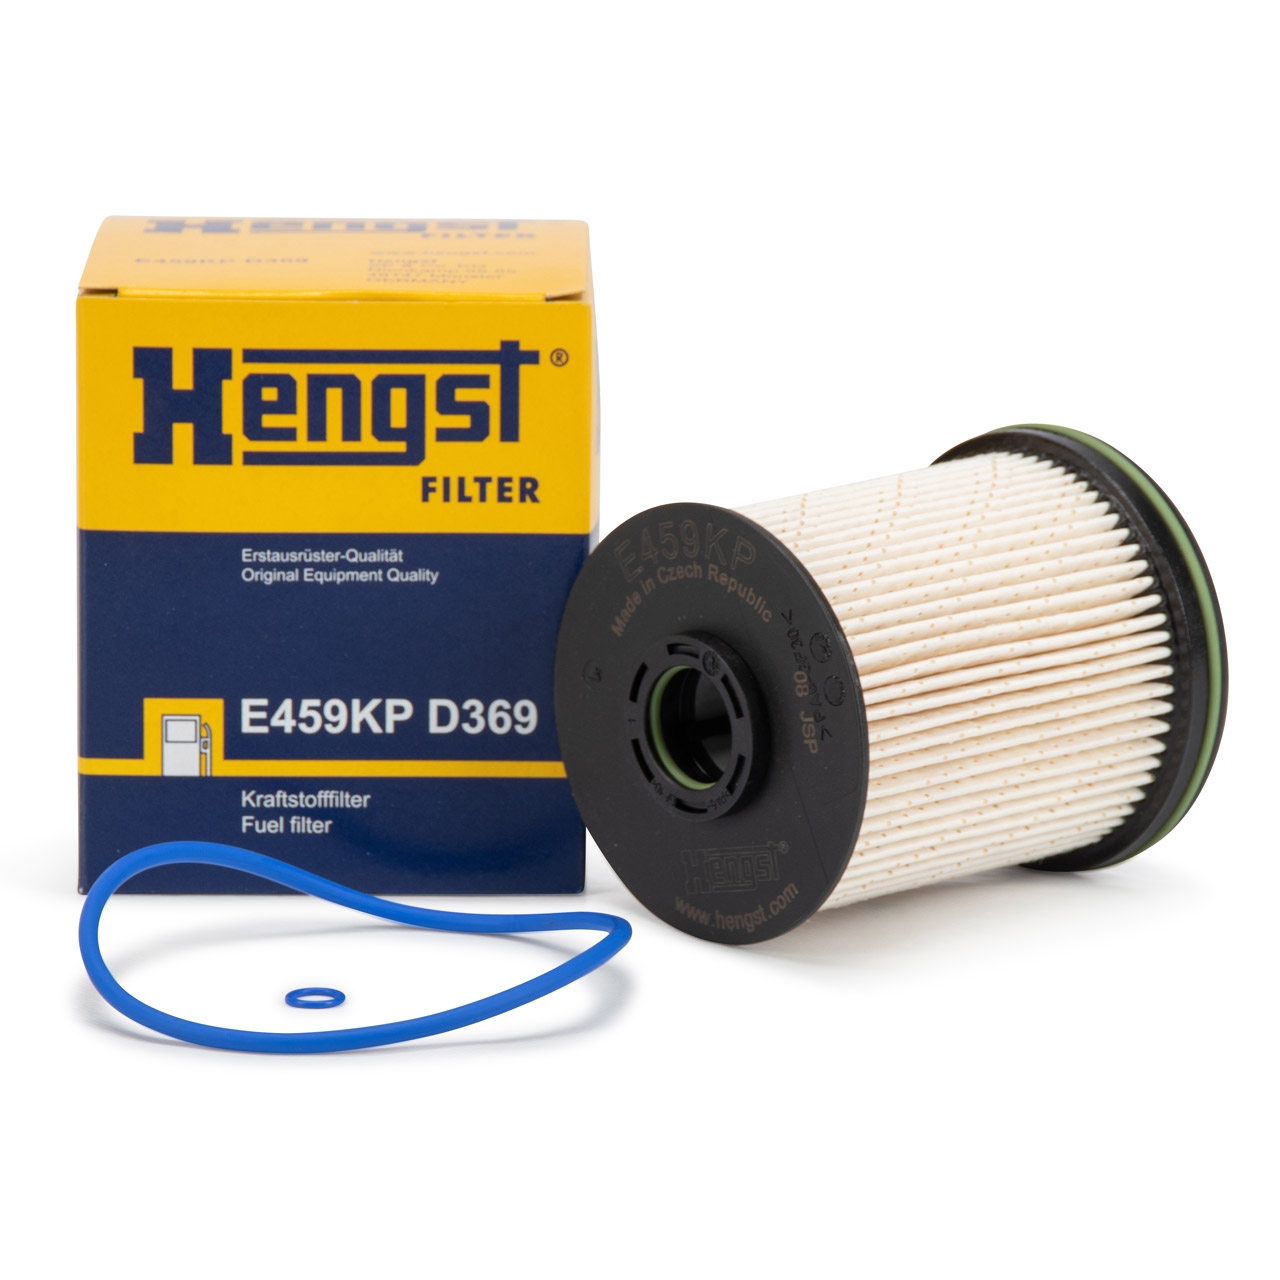 HENGST E459KPD369 Kraftstofffilter Dieselfilter OPEL ASTRA K 1.6 CDTI 95-160 PS